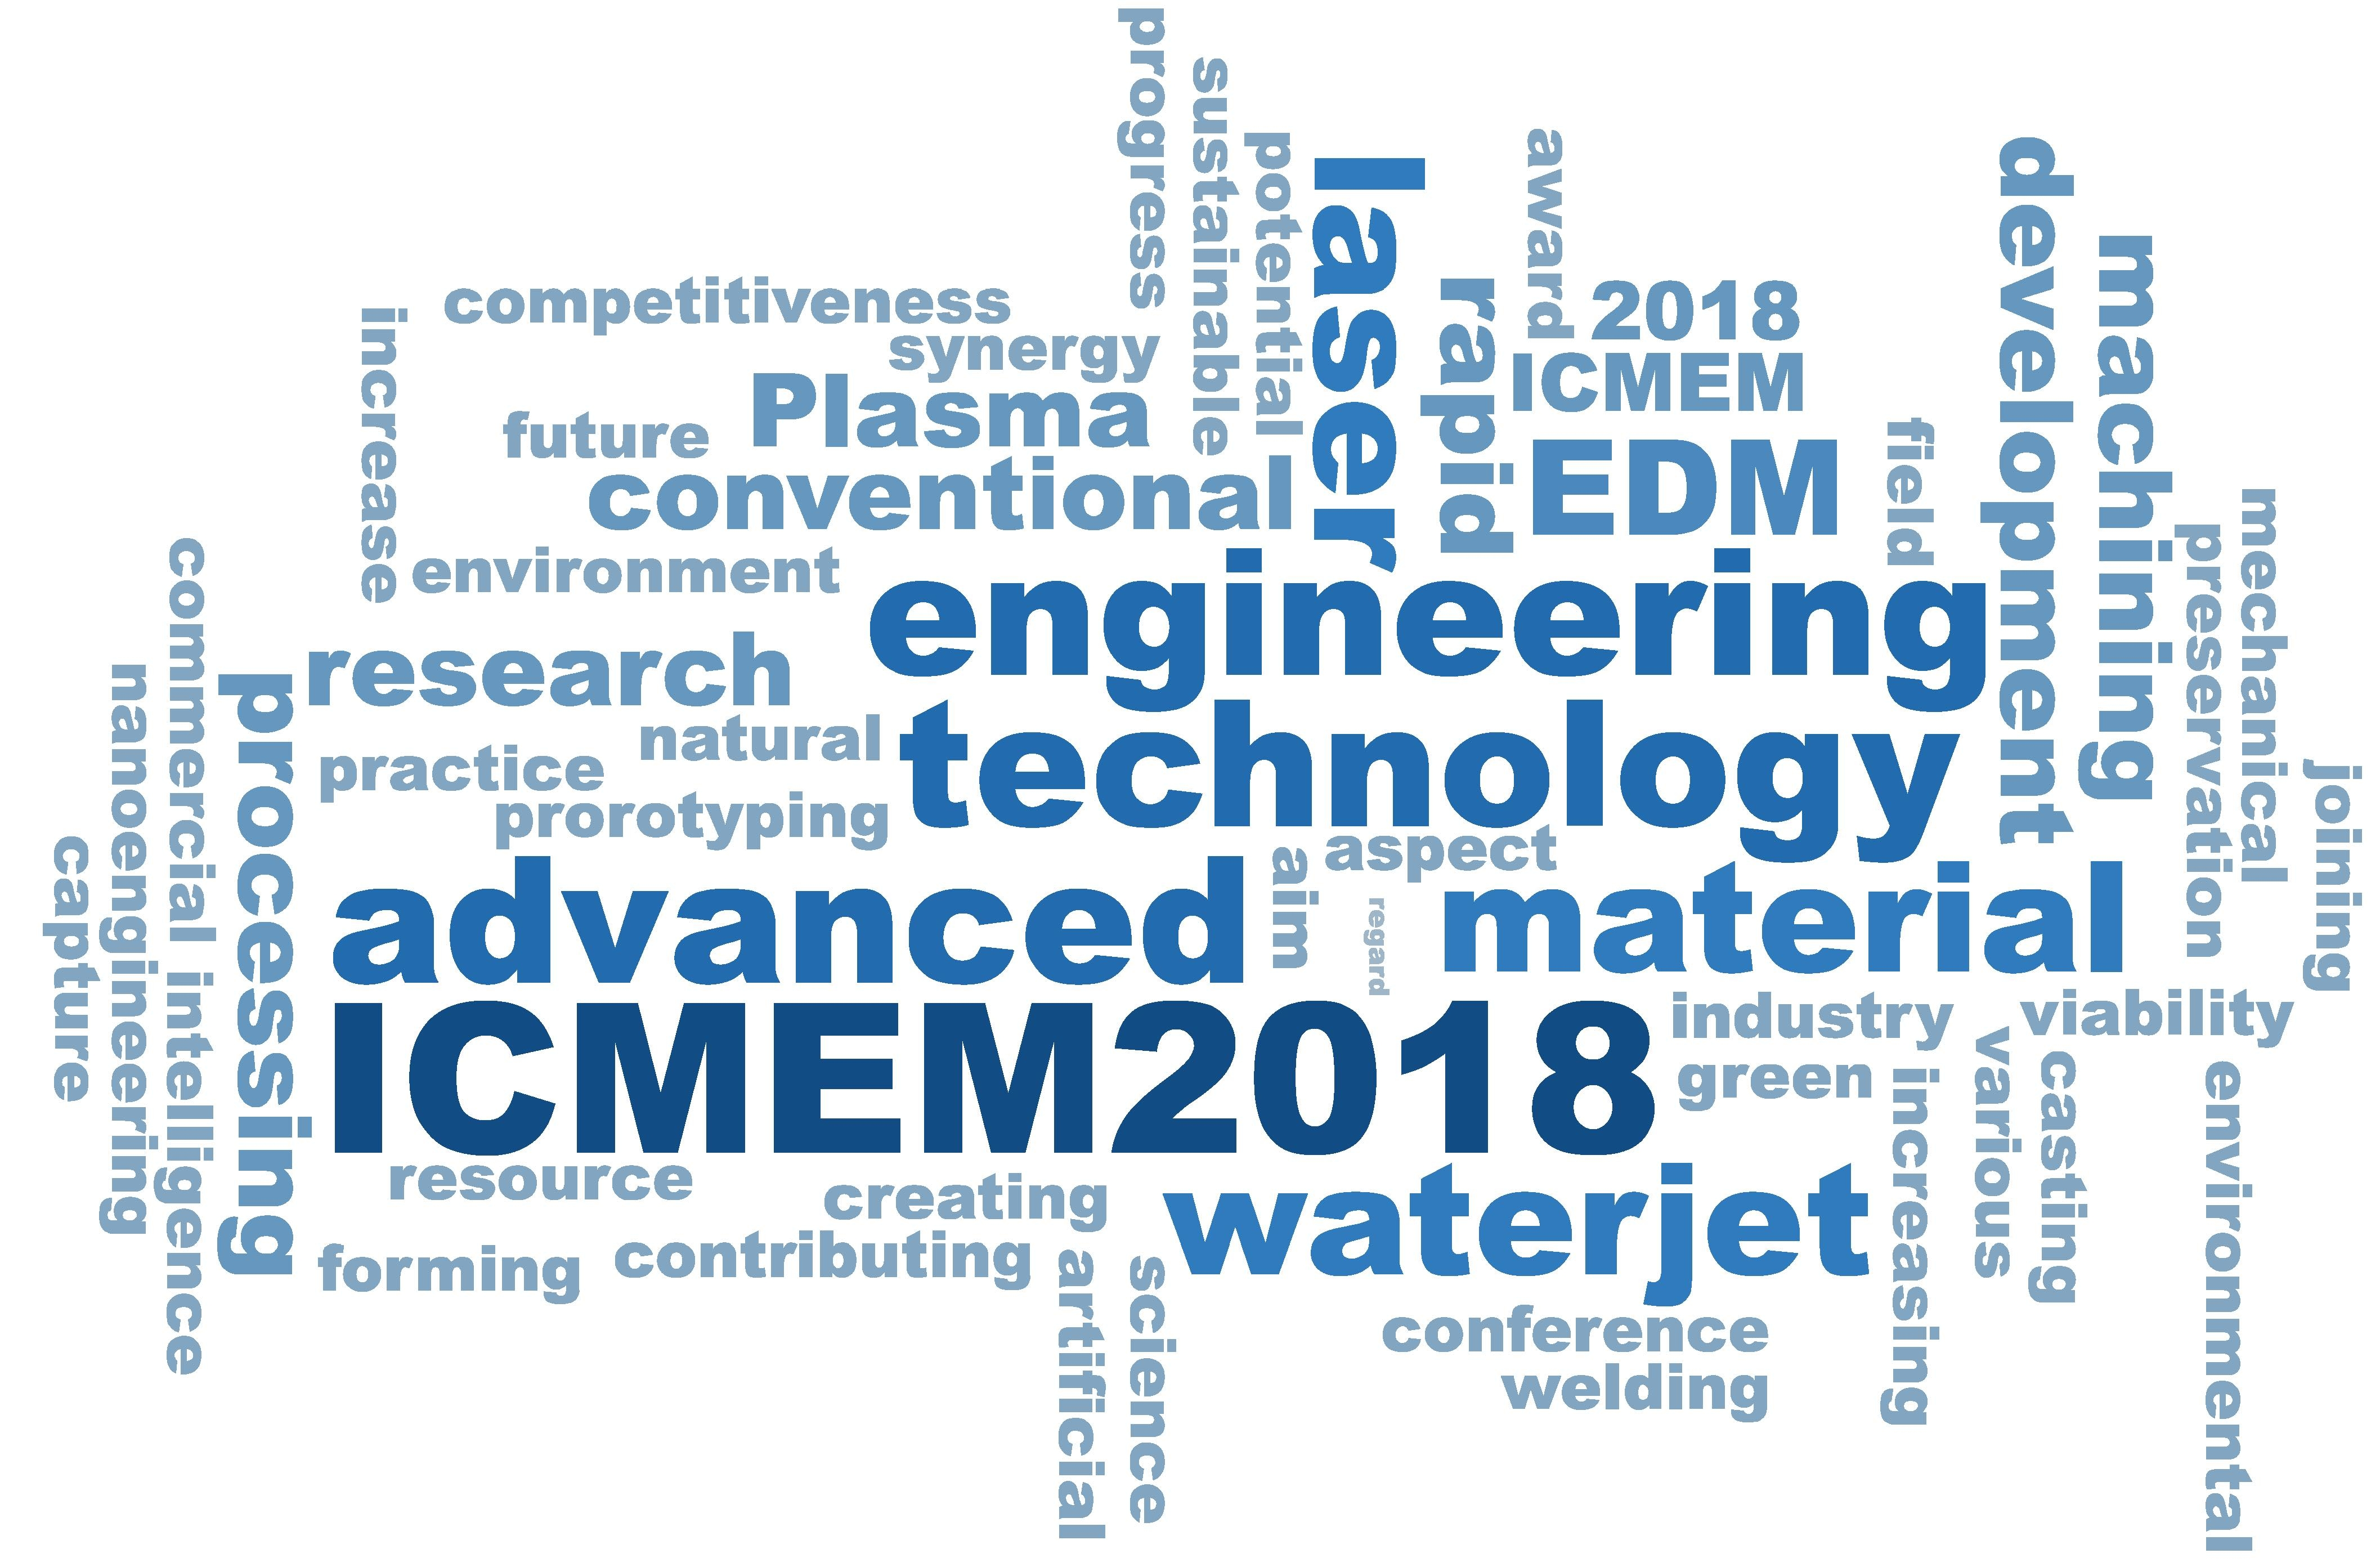 ICMEM 2018